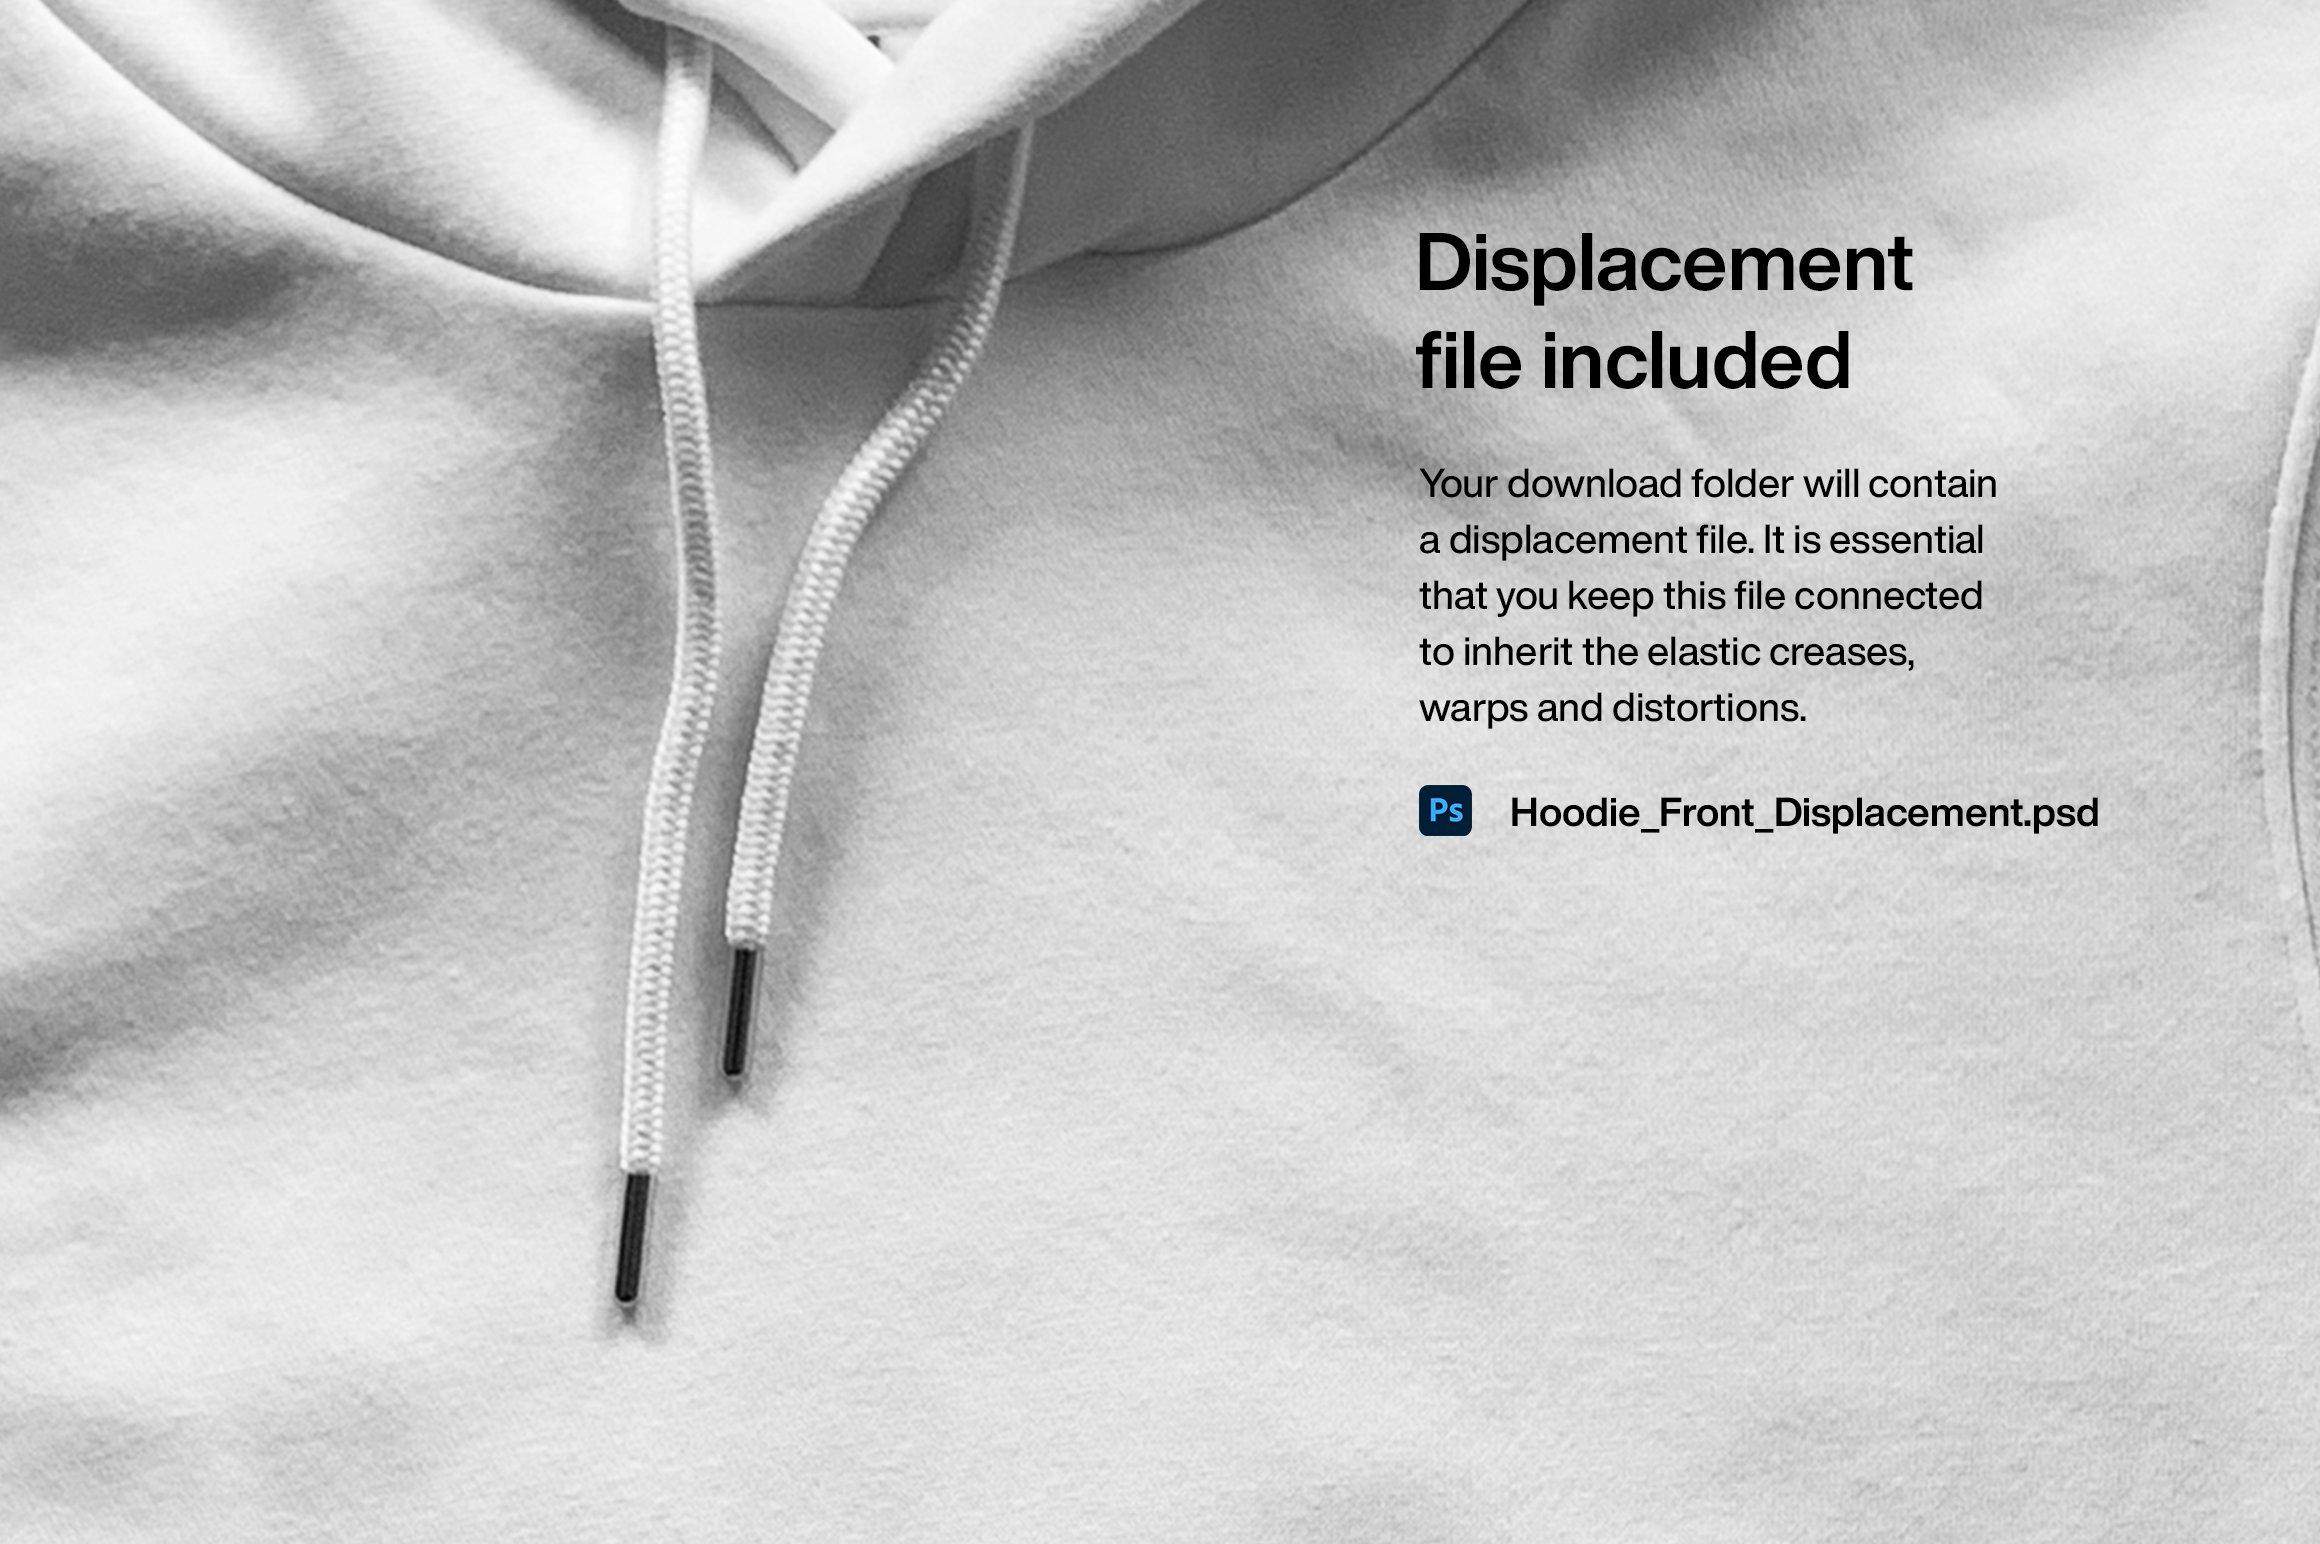 连衣帽卫衣正面印花图案设计展示贴图样机模板 Hoodie Front Mockup插图(6)